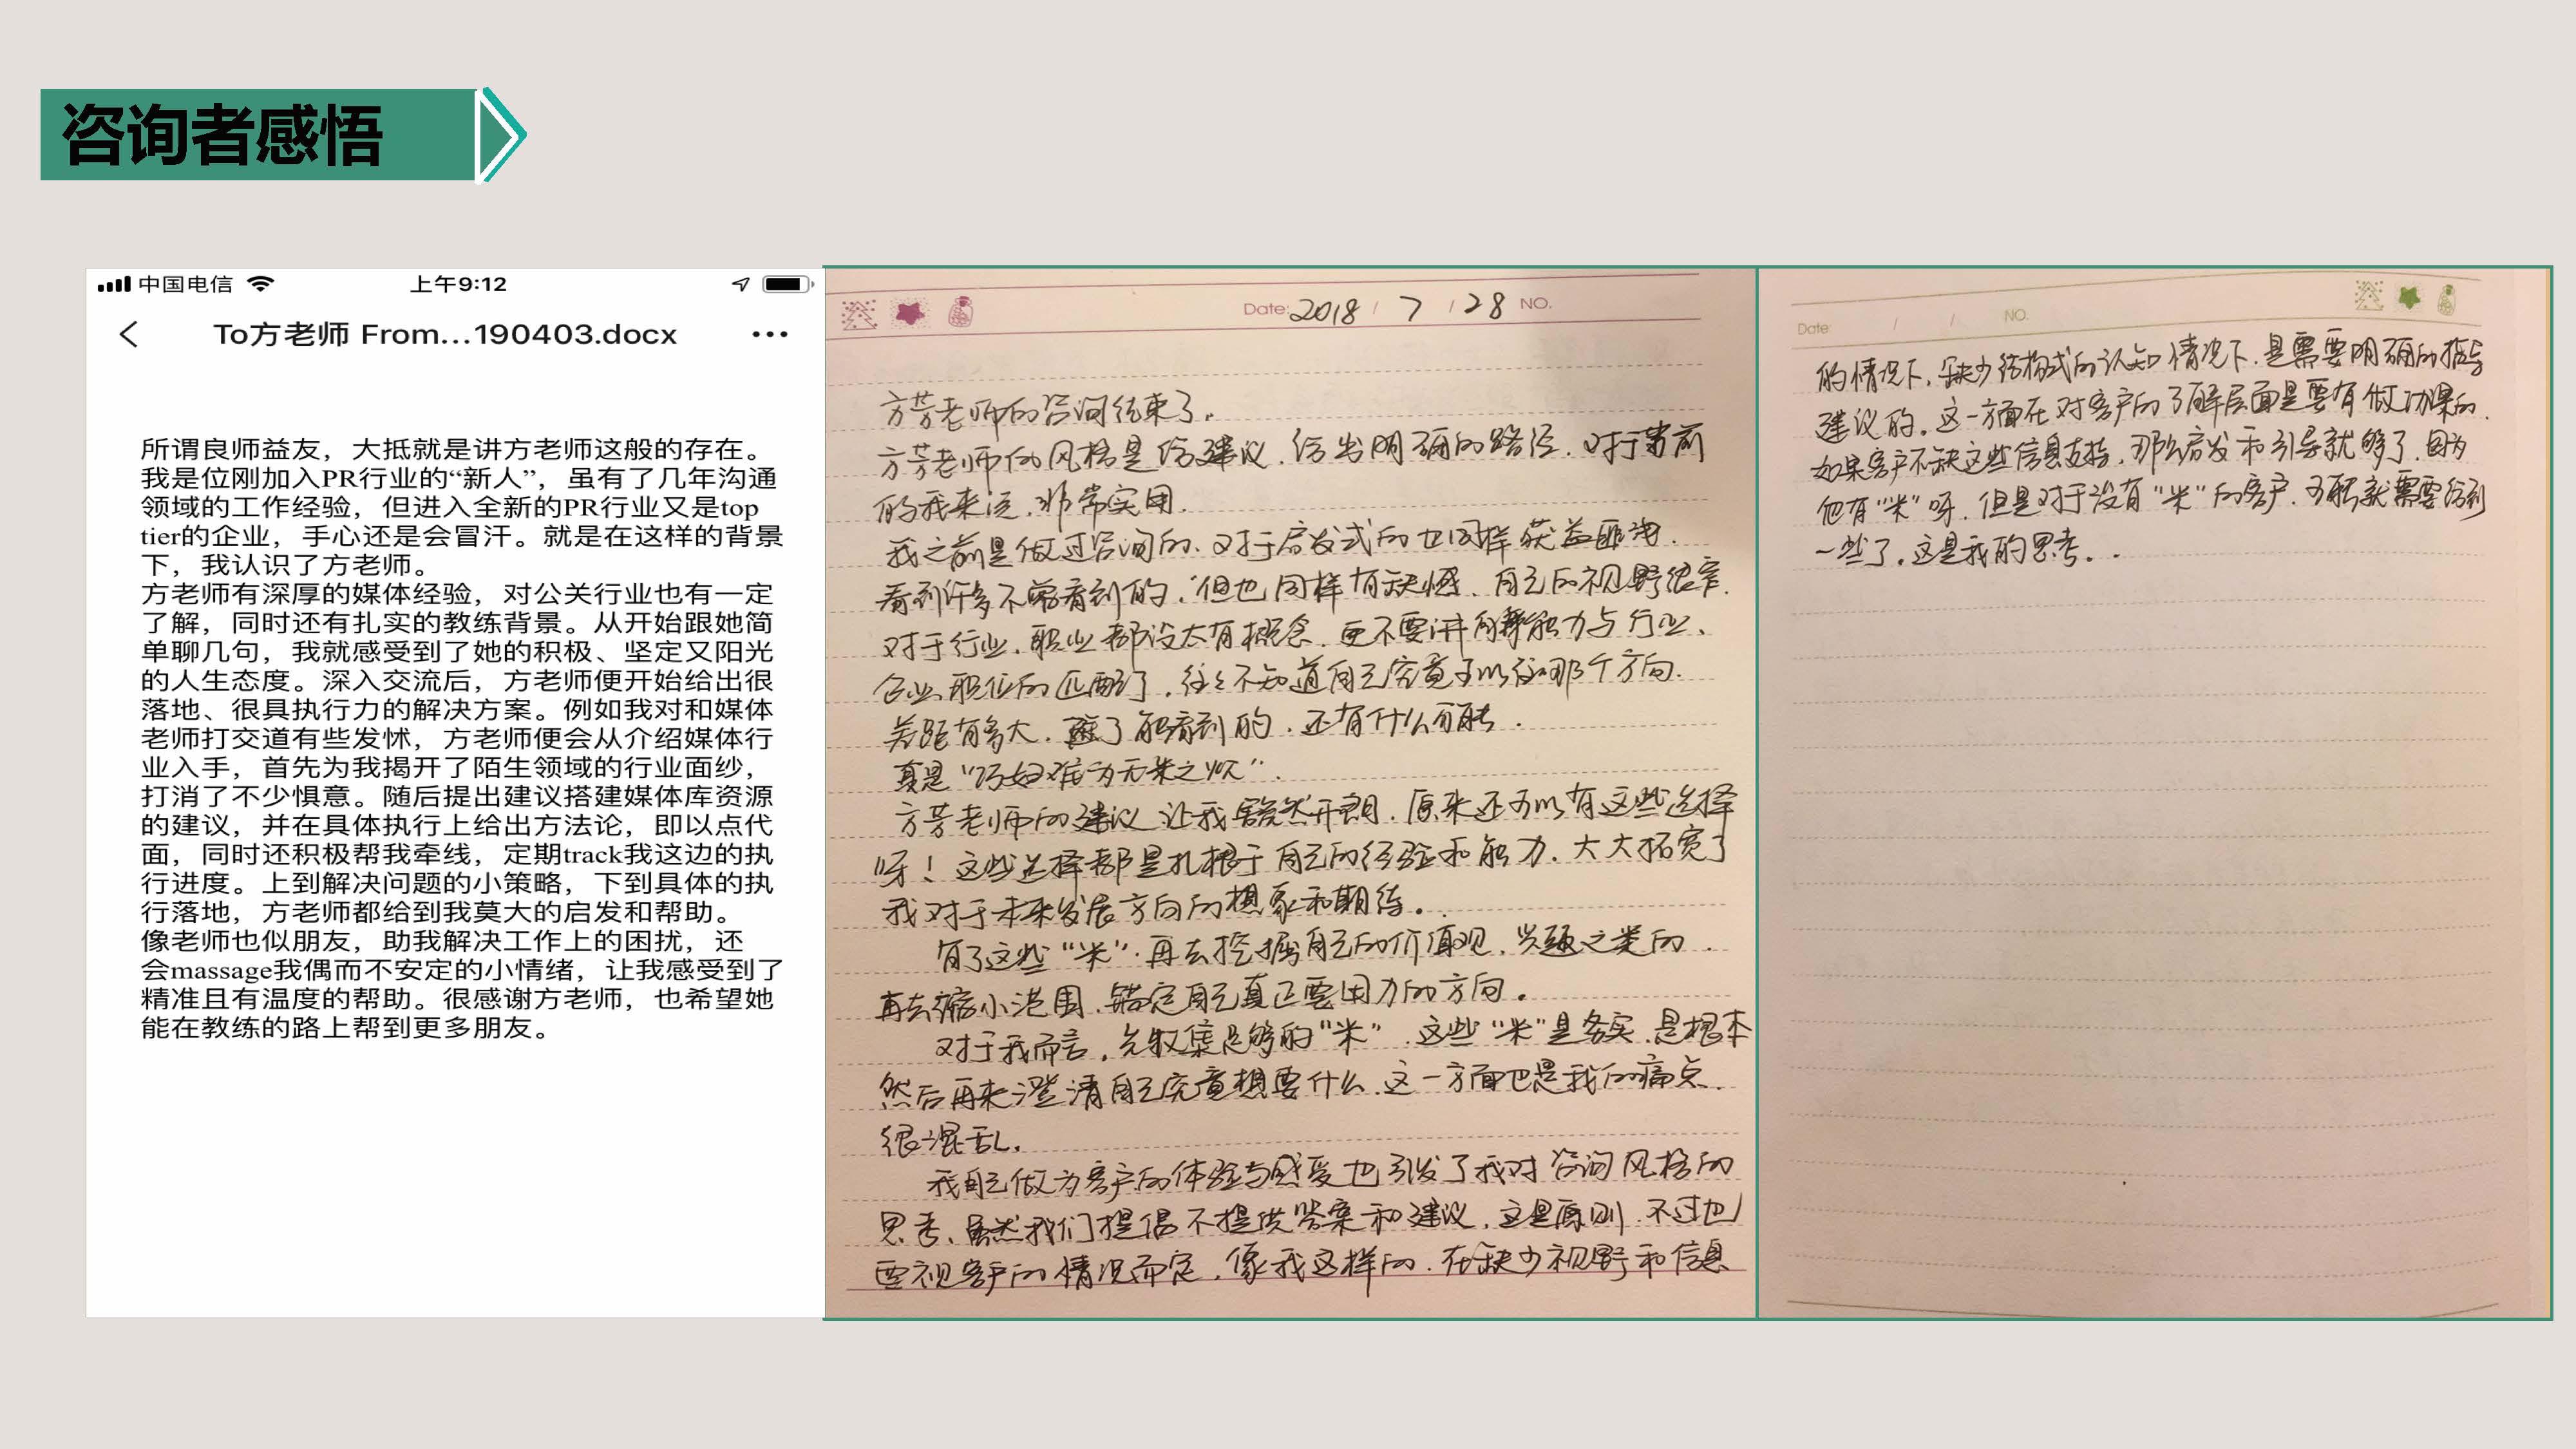 方老师简介通用版的副本_页面_26